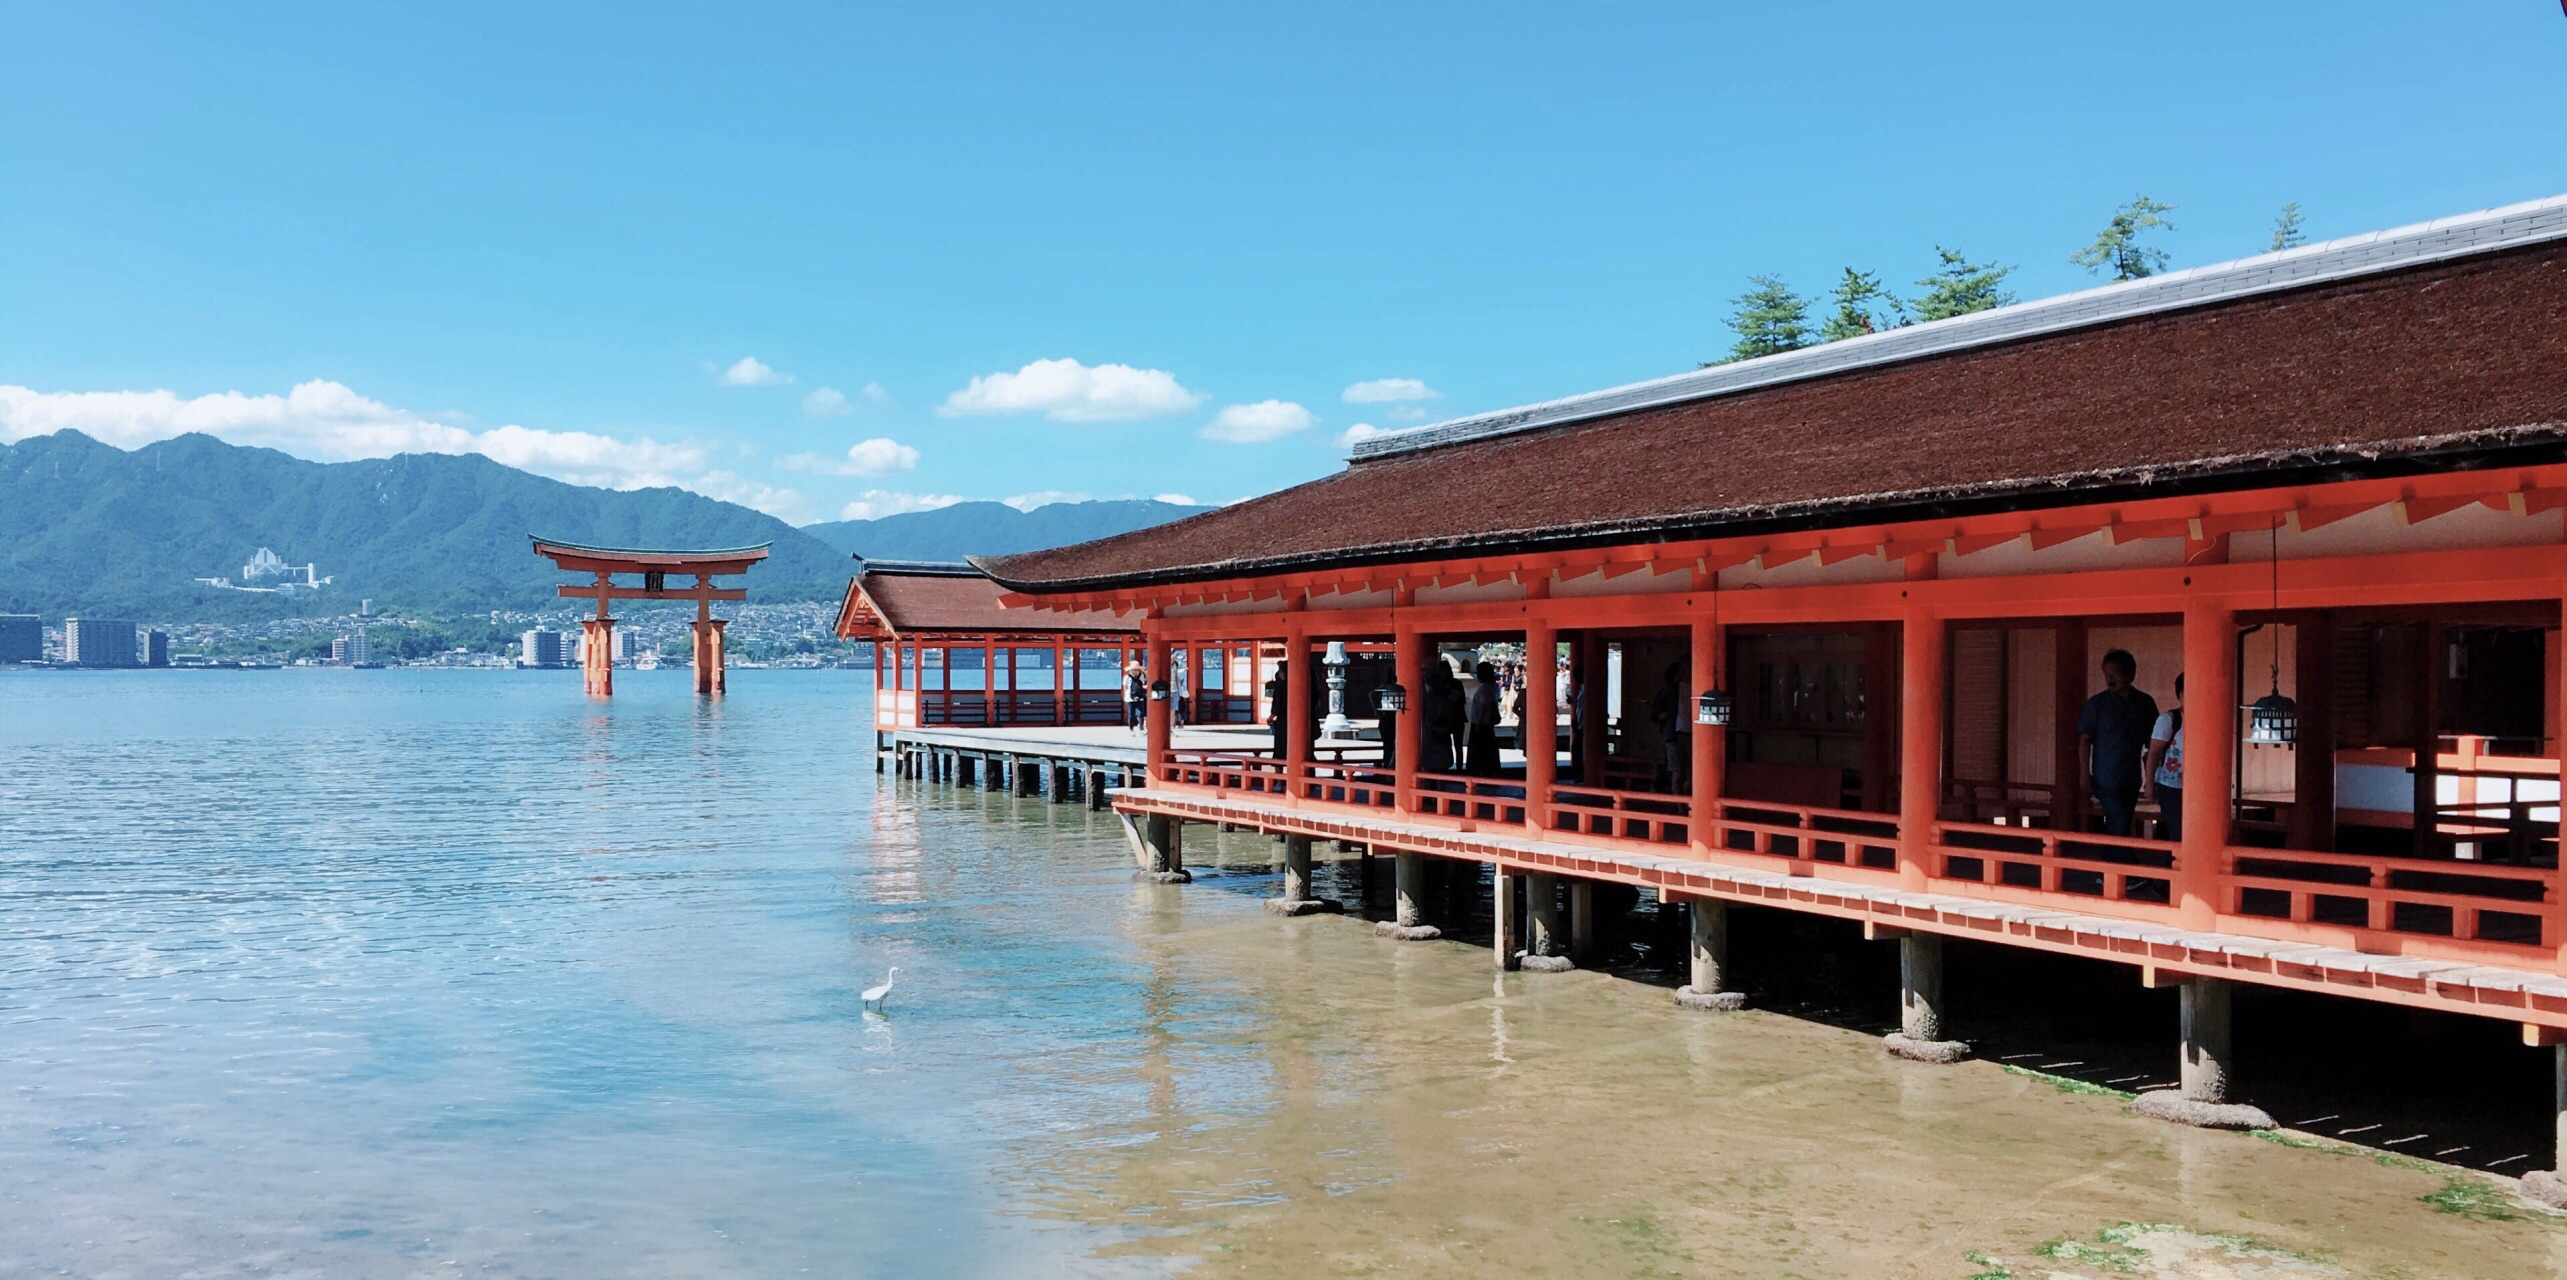 日本旅游地�_严岛神社旅游景点攻略图